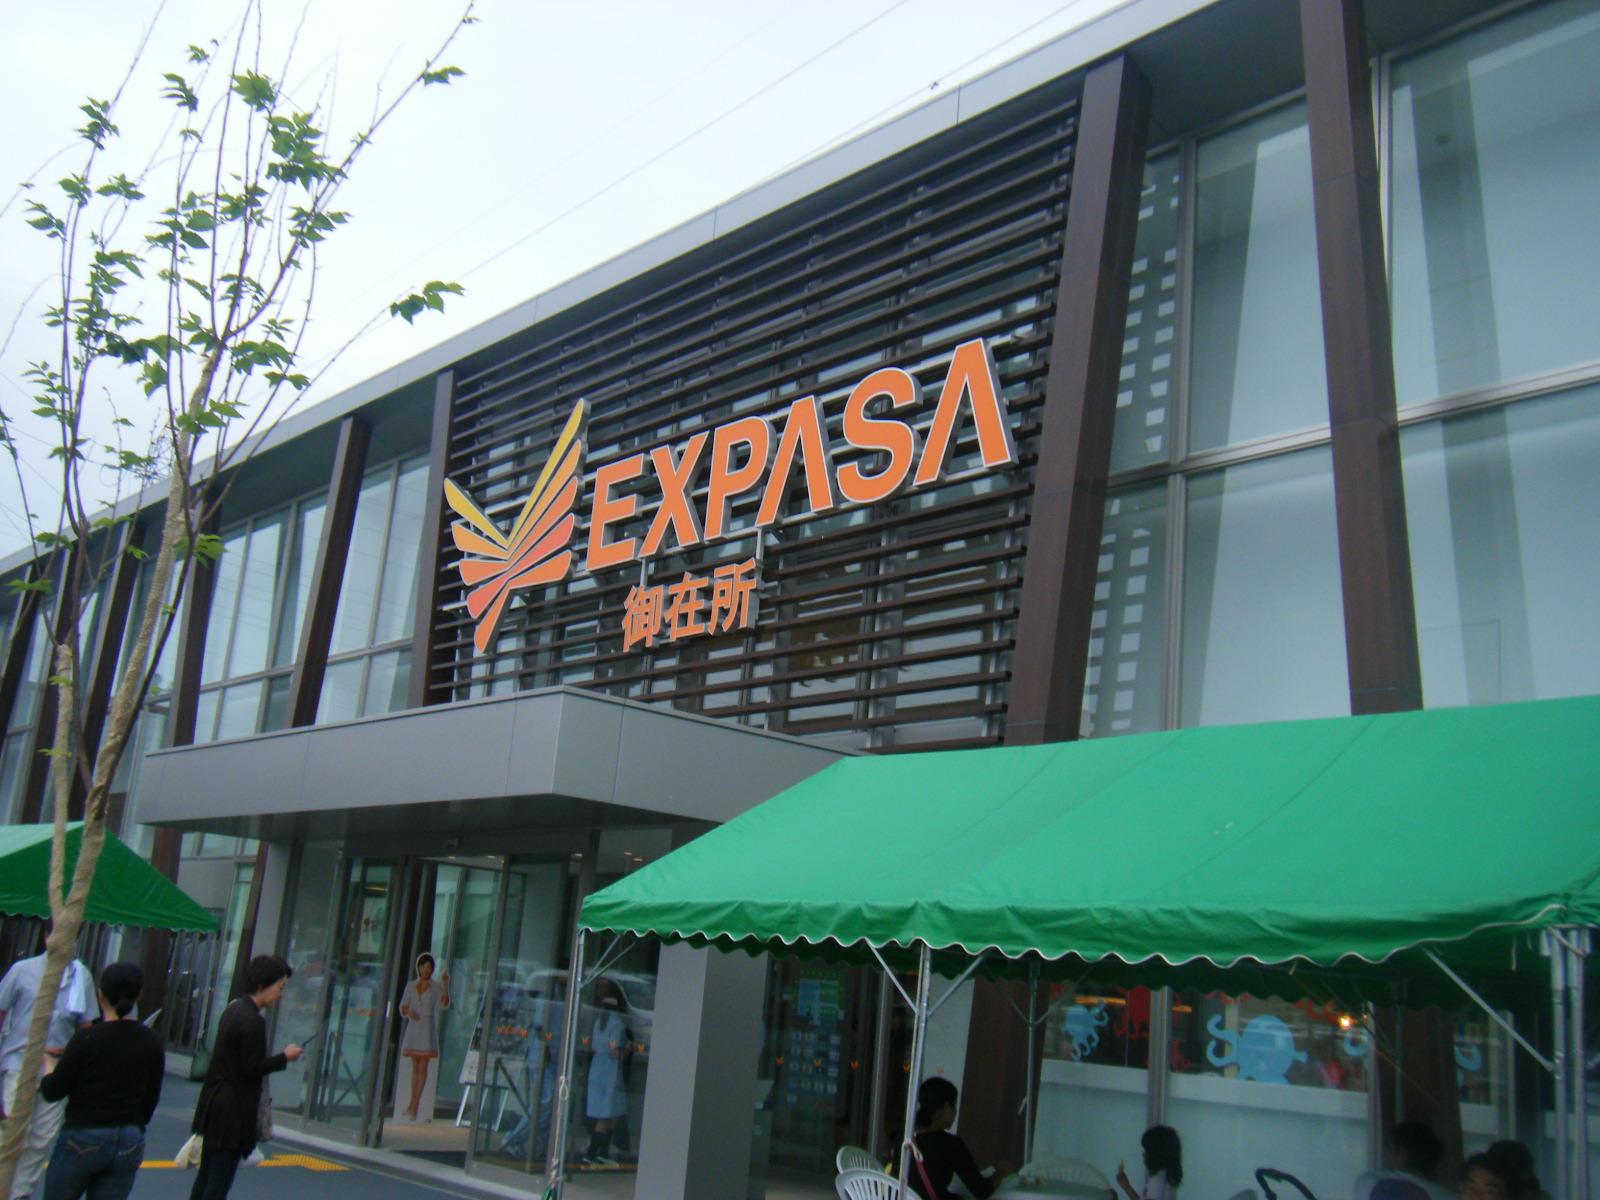 EXPASA御在所(下り線)「山本屋本店」